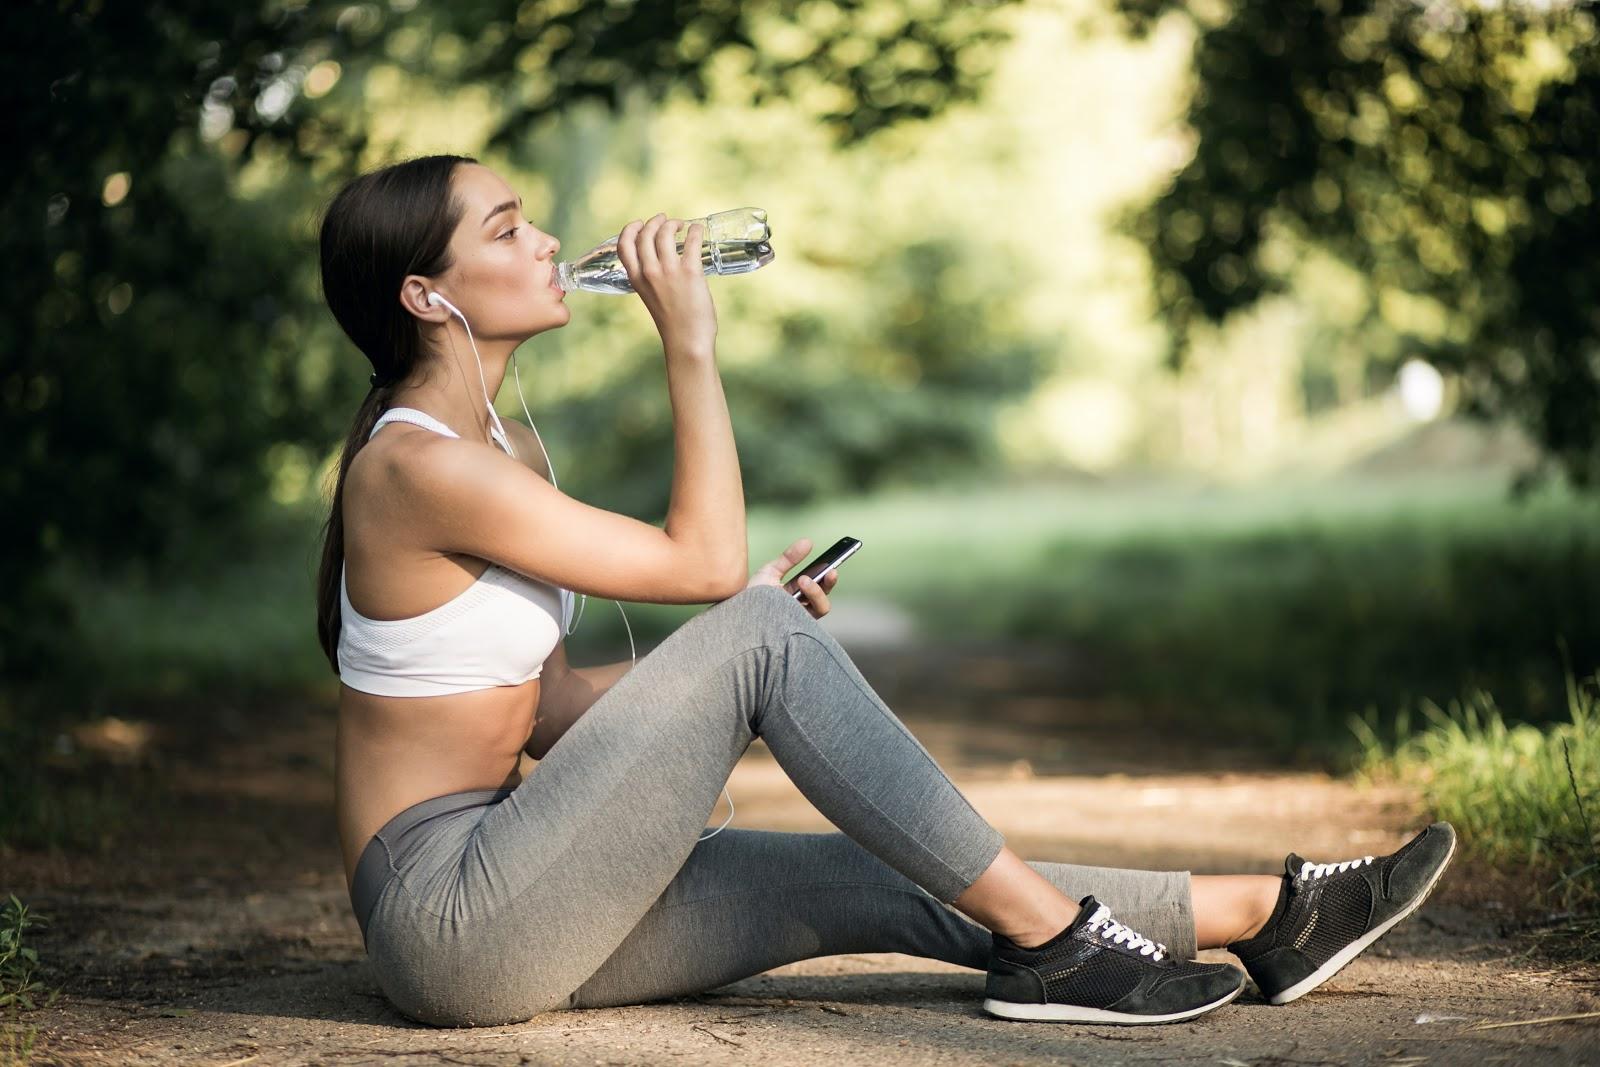 mulher sentada no chao de um parque com roupas esportivas tomando agua